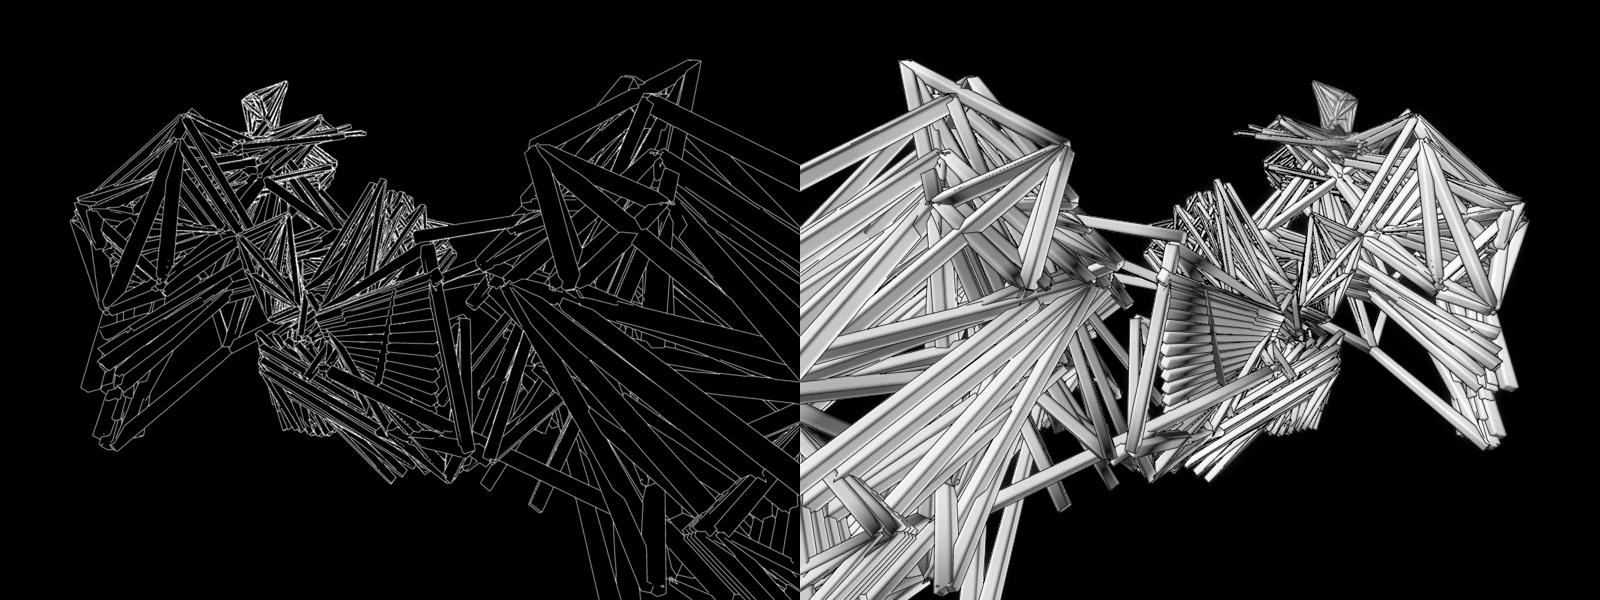 skomlos_ns_render_mirror.jpg